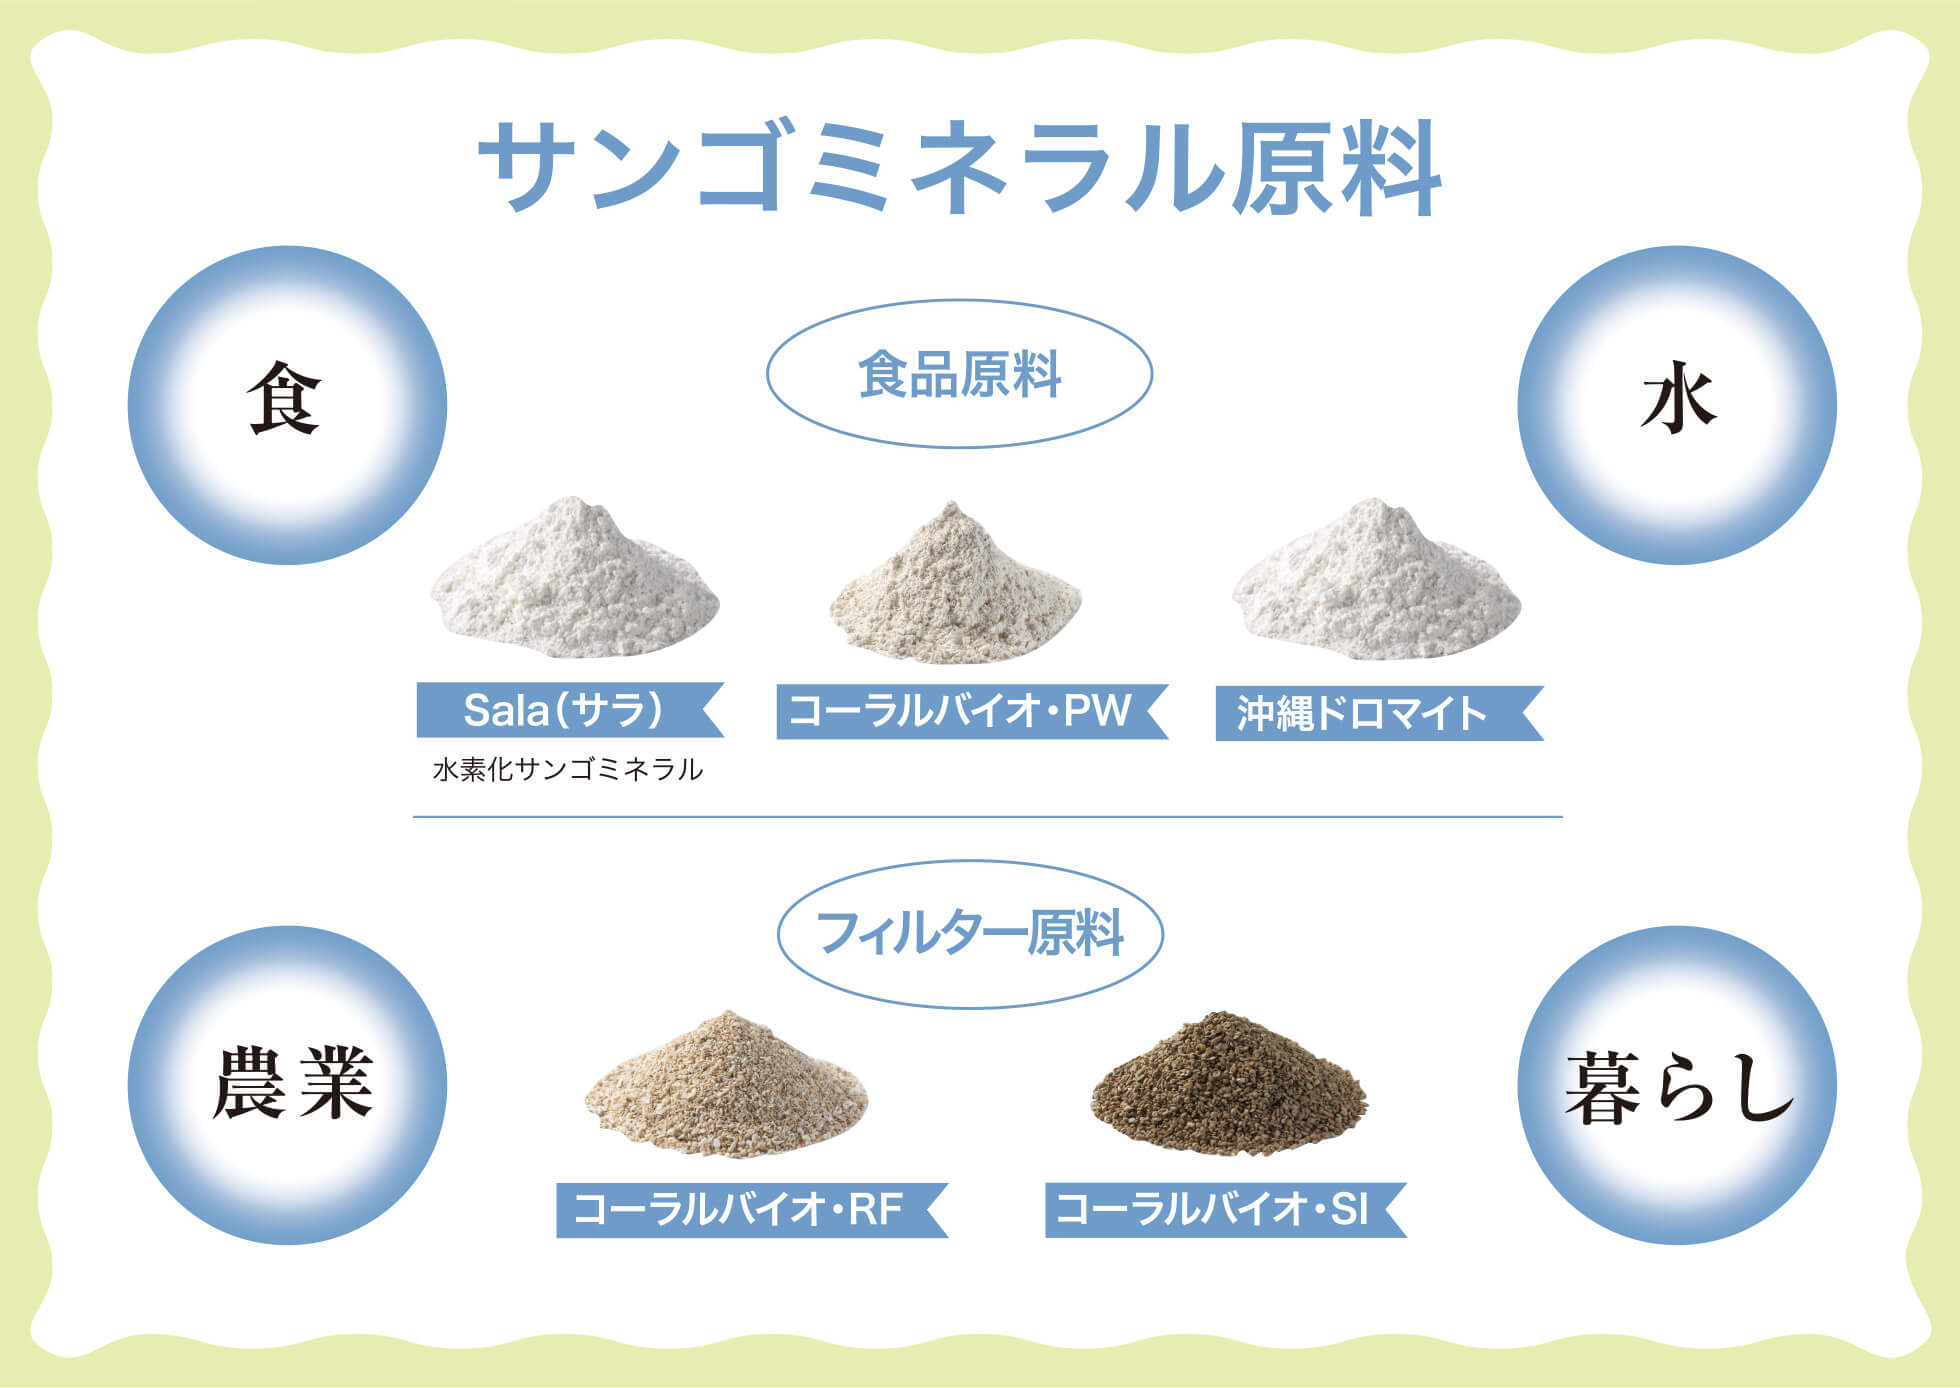 サンゴミネラル原料